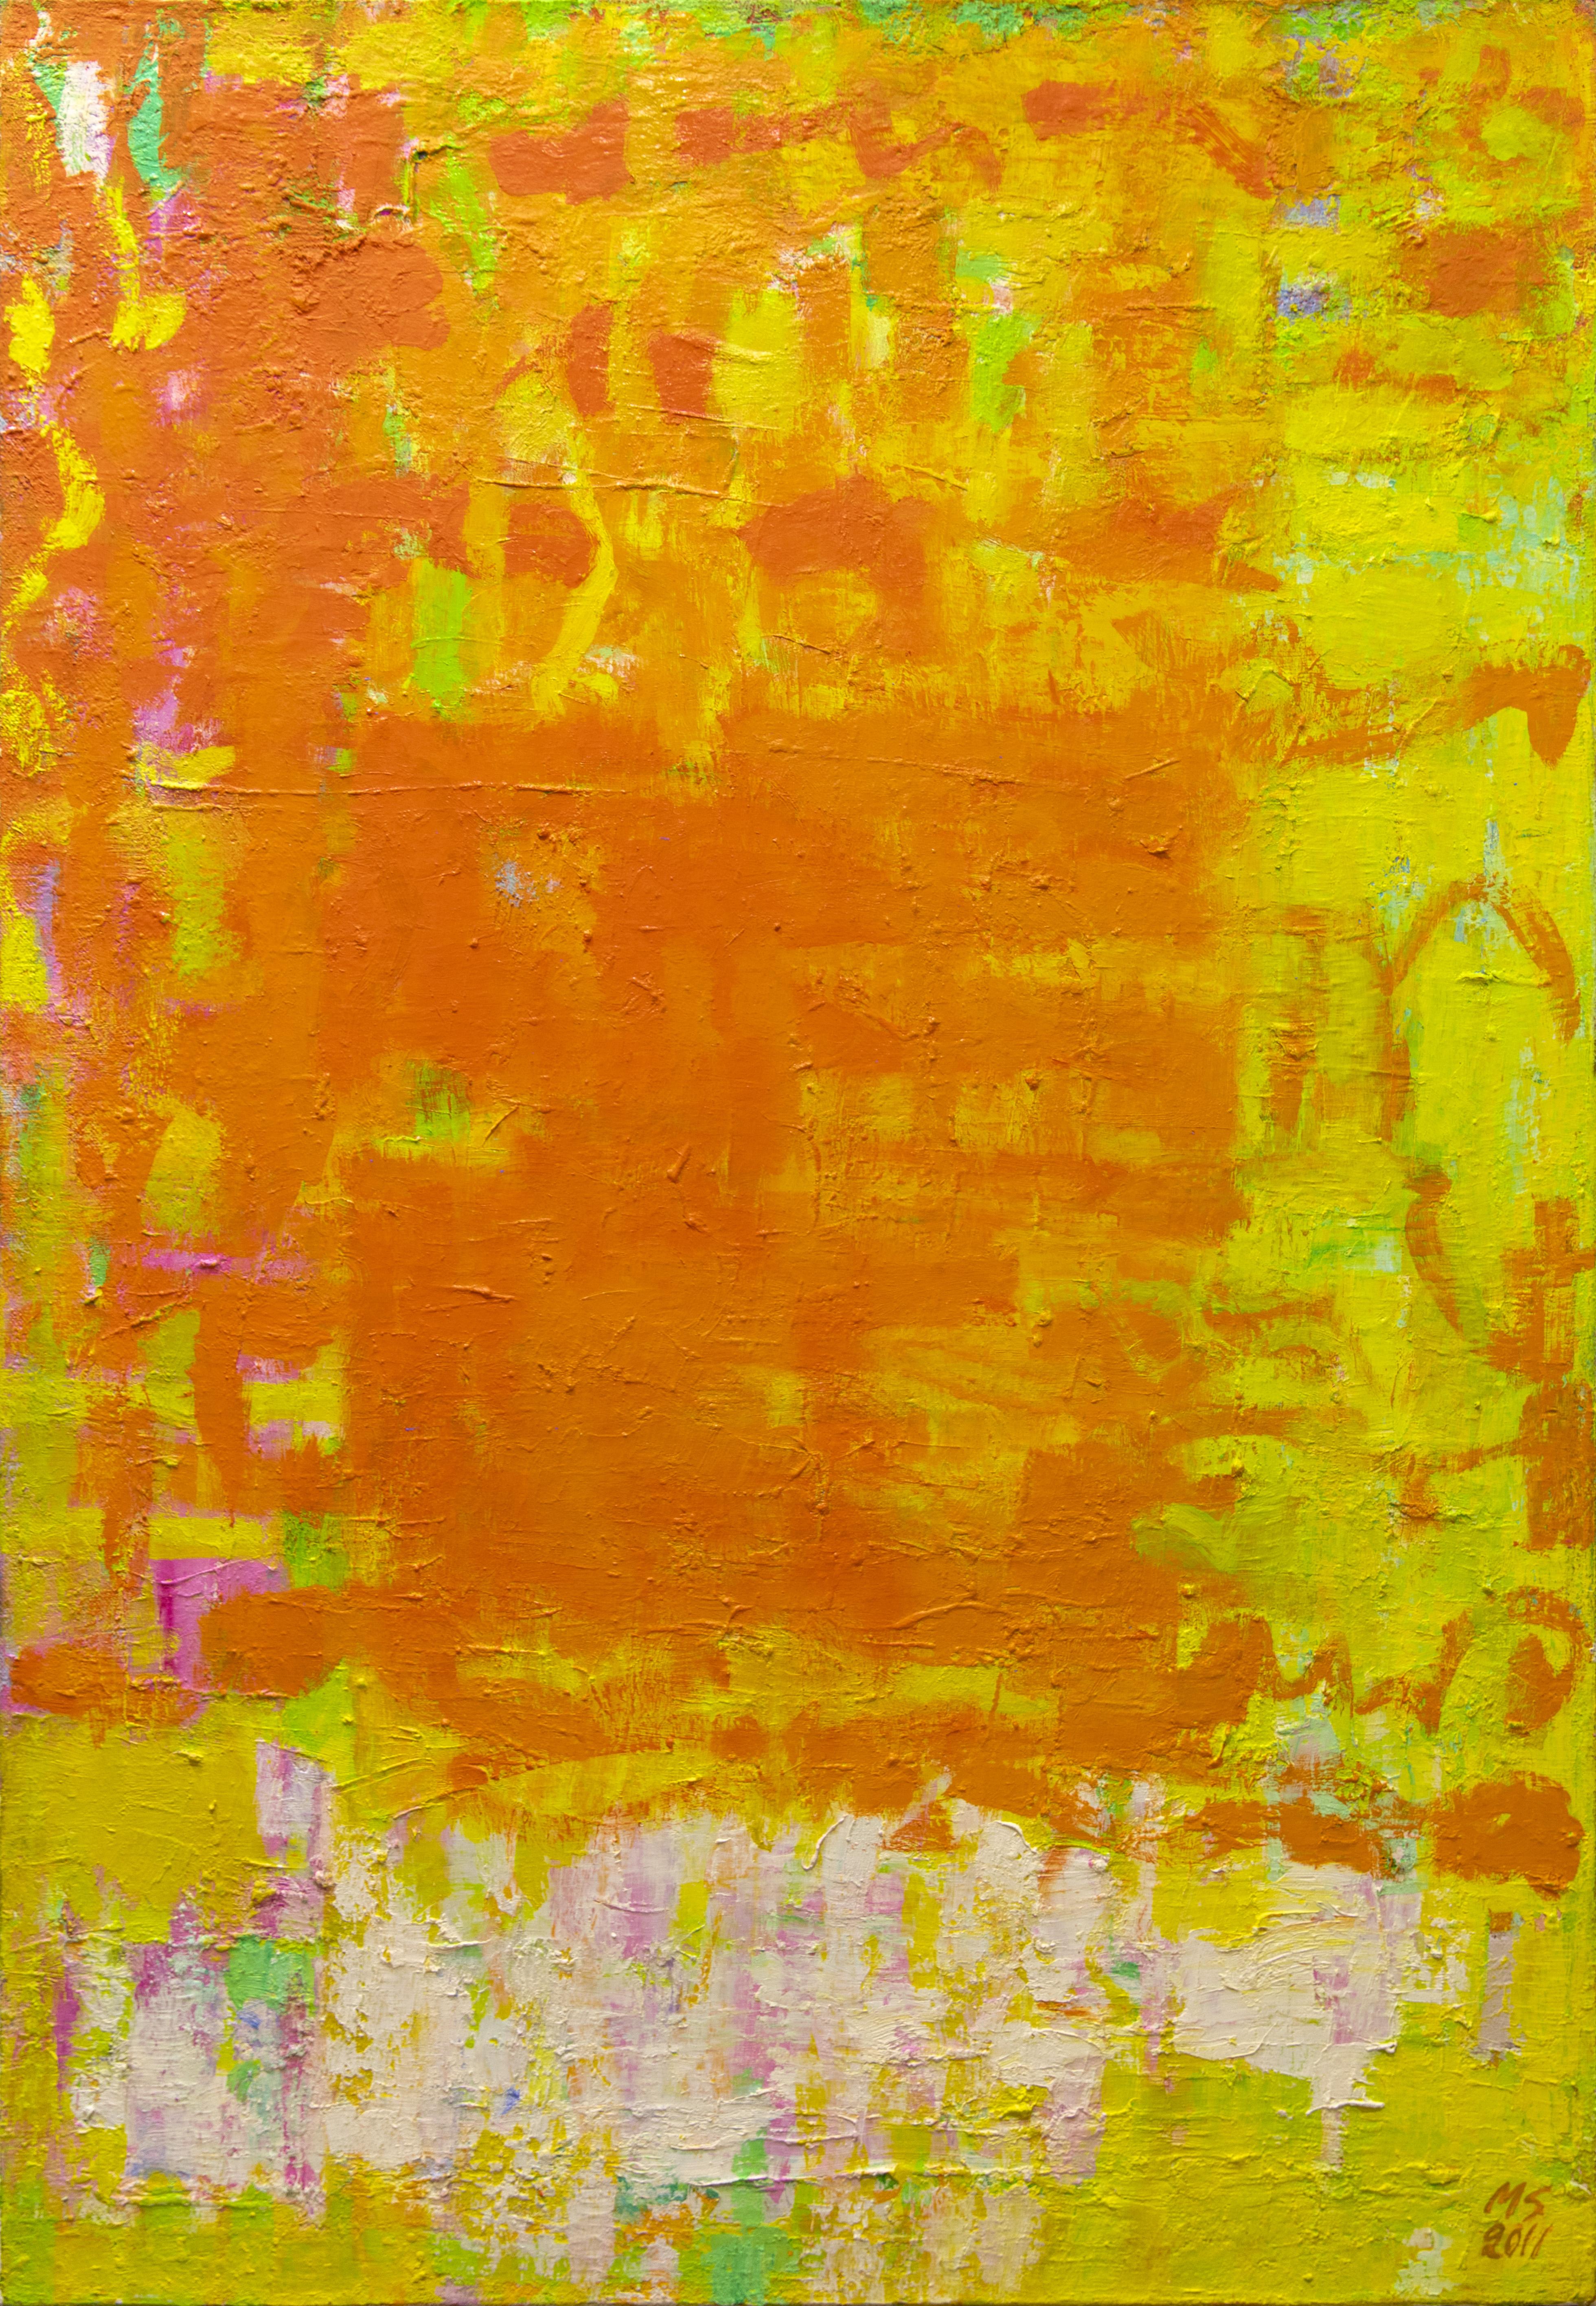 Kirkas abstrakti maalaus, paljolti oranssia ja keltaista, siellä täällä vihreää, pinkkiä ja valkoista.